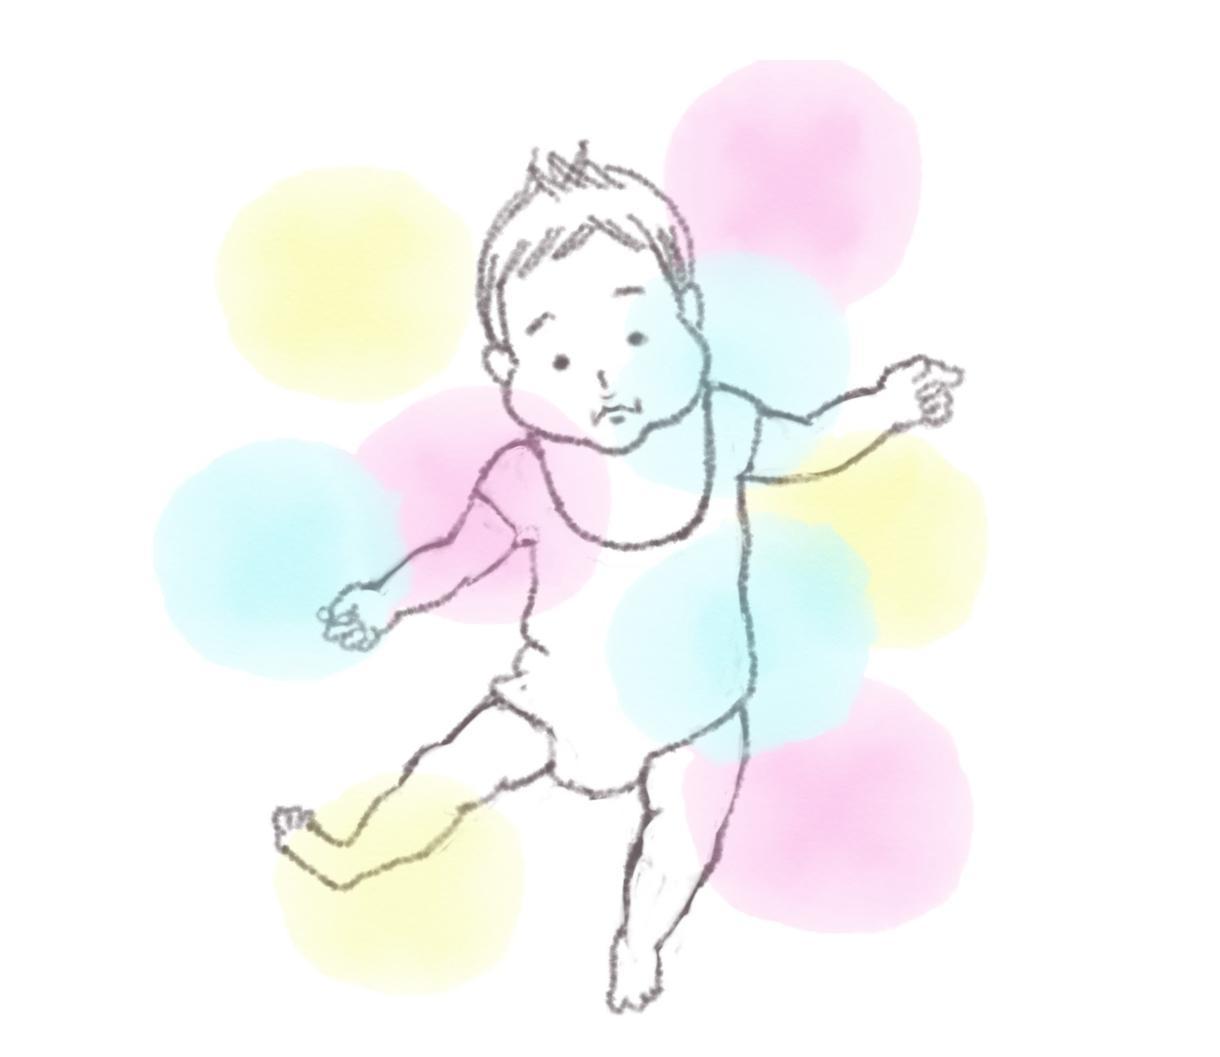 ブログ記事の挿し絵を描きます 記事の内容に合わせた挿し絵が欲しい方に。